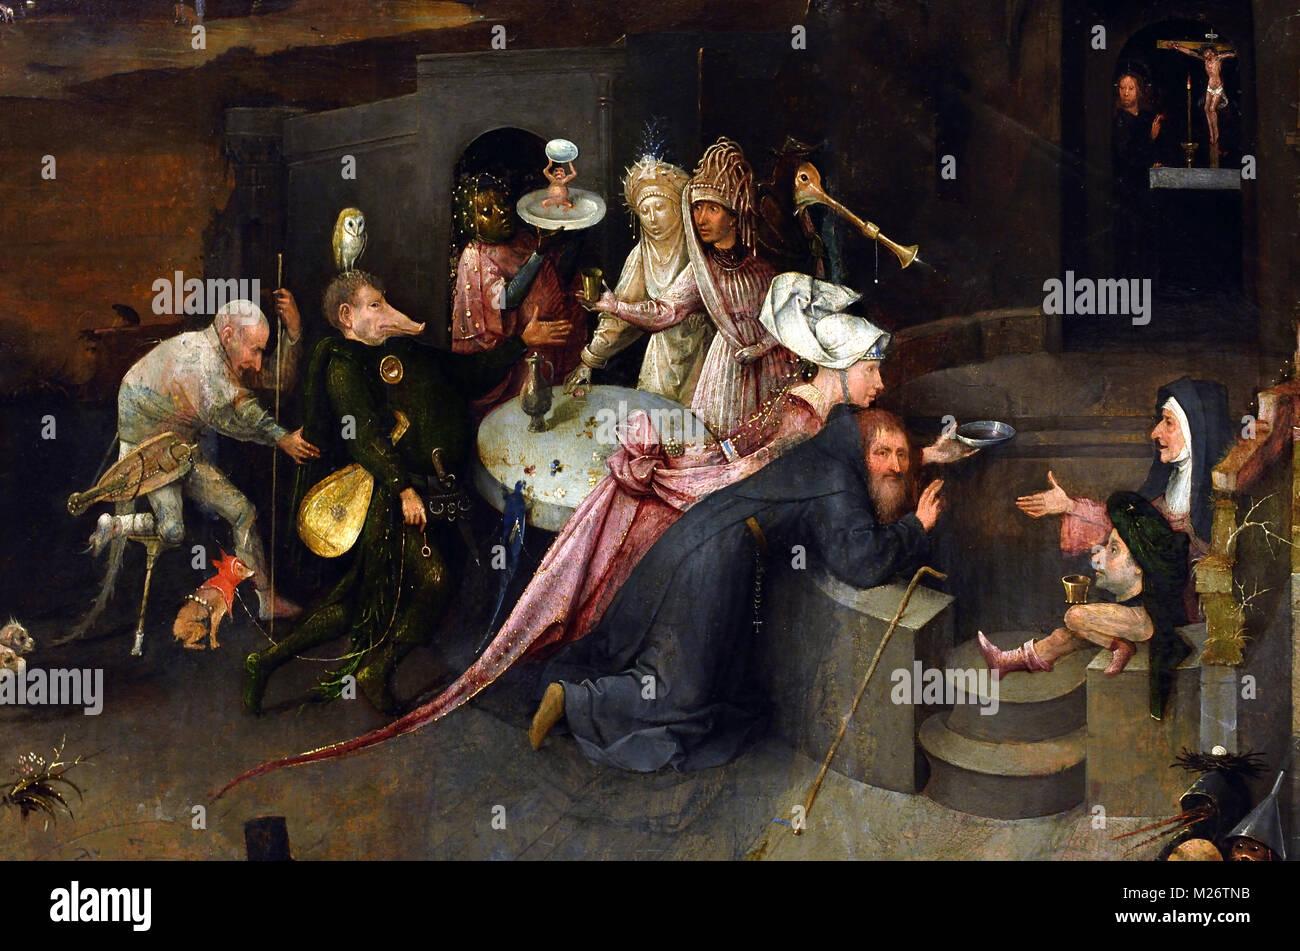 La Tentation de Saint Antoine de Jérôme Bosch (ca 1450-1516).16e siècle aux Pays-Bas, le néerlandais, Photo Stock